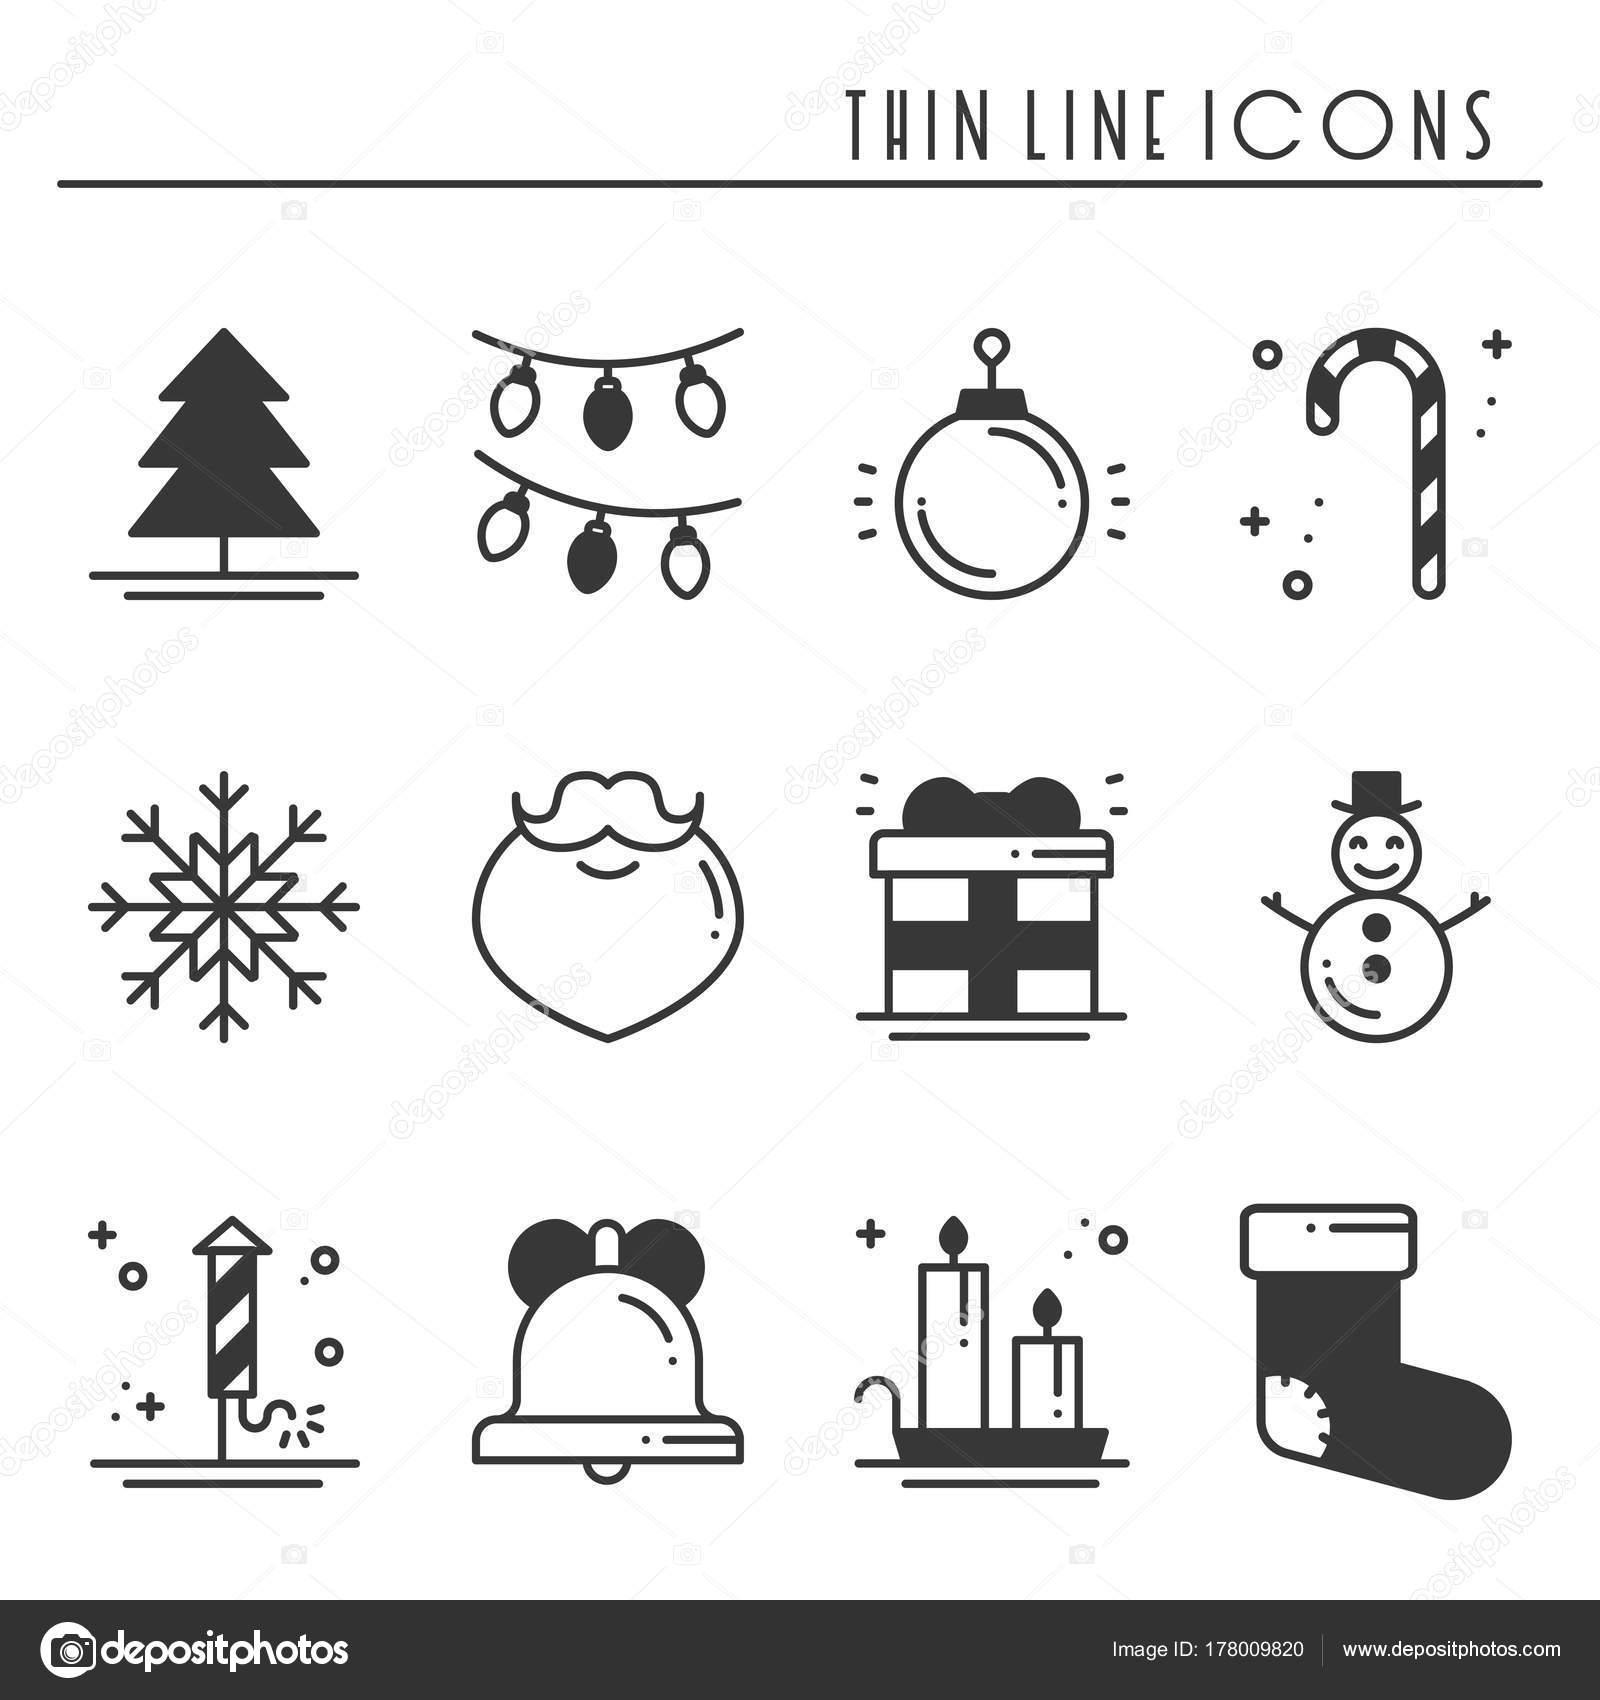 クリスマス ホリデーの薄いライン シルエット アイコンを設定します